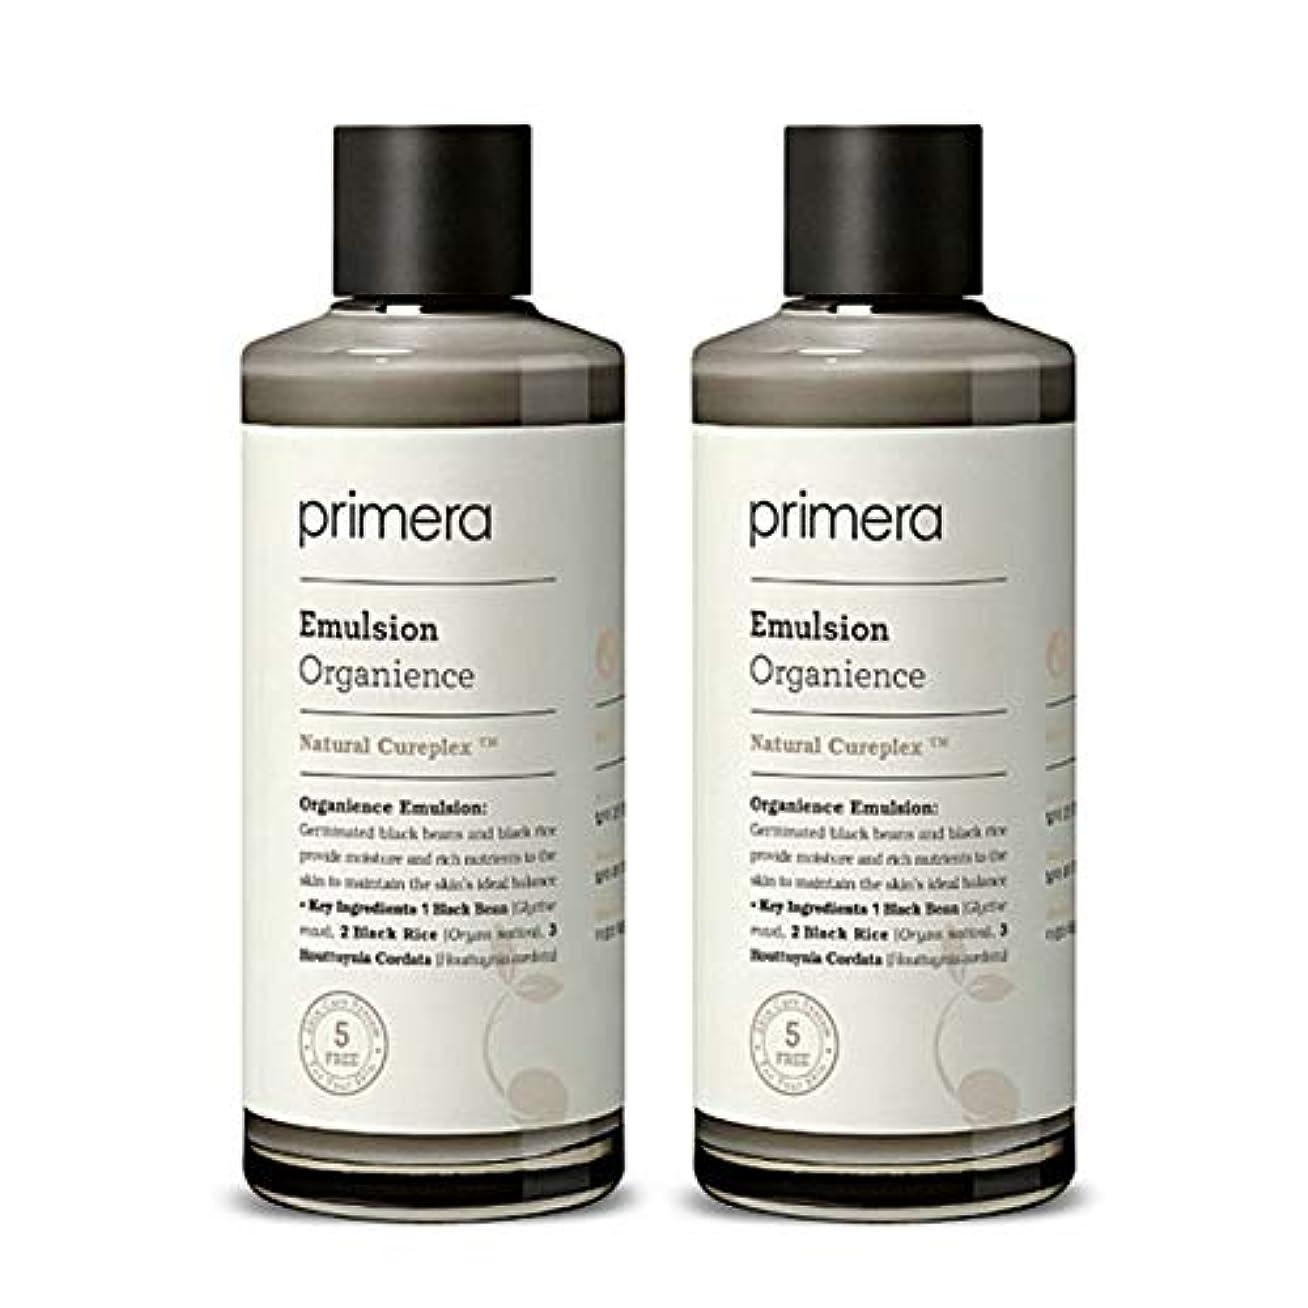 プリメラオカニオンスエマルジョン150ml x 2本セット、Primera Organience Emulsion 150ml x 2ea Set [並行輸入品]